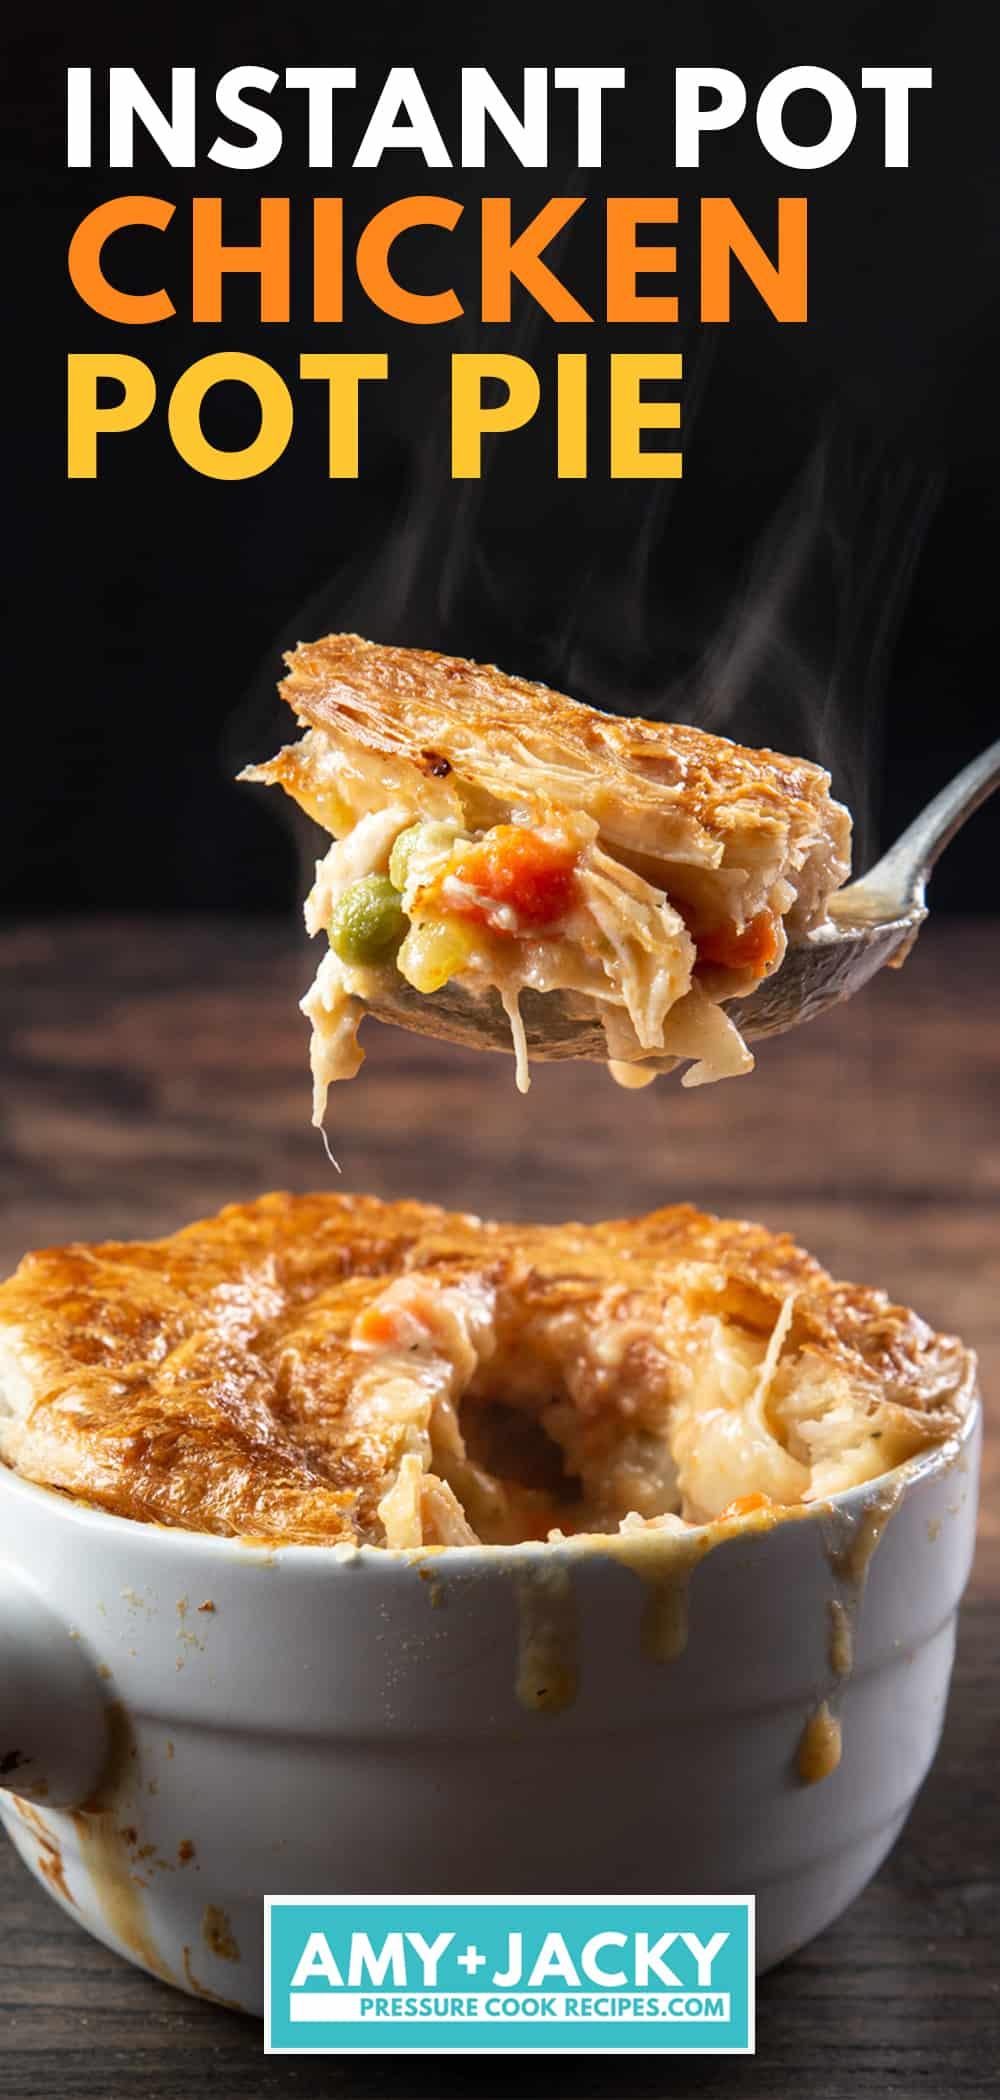 Instant Pot Chicken Pot Pie | chicken pot pie instant pot | homemade chicken pot pie | easy chicken pot pie | pressure cooker chicken pot pie #AmyJacky #InstantPot #chicken #recipe #pie